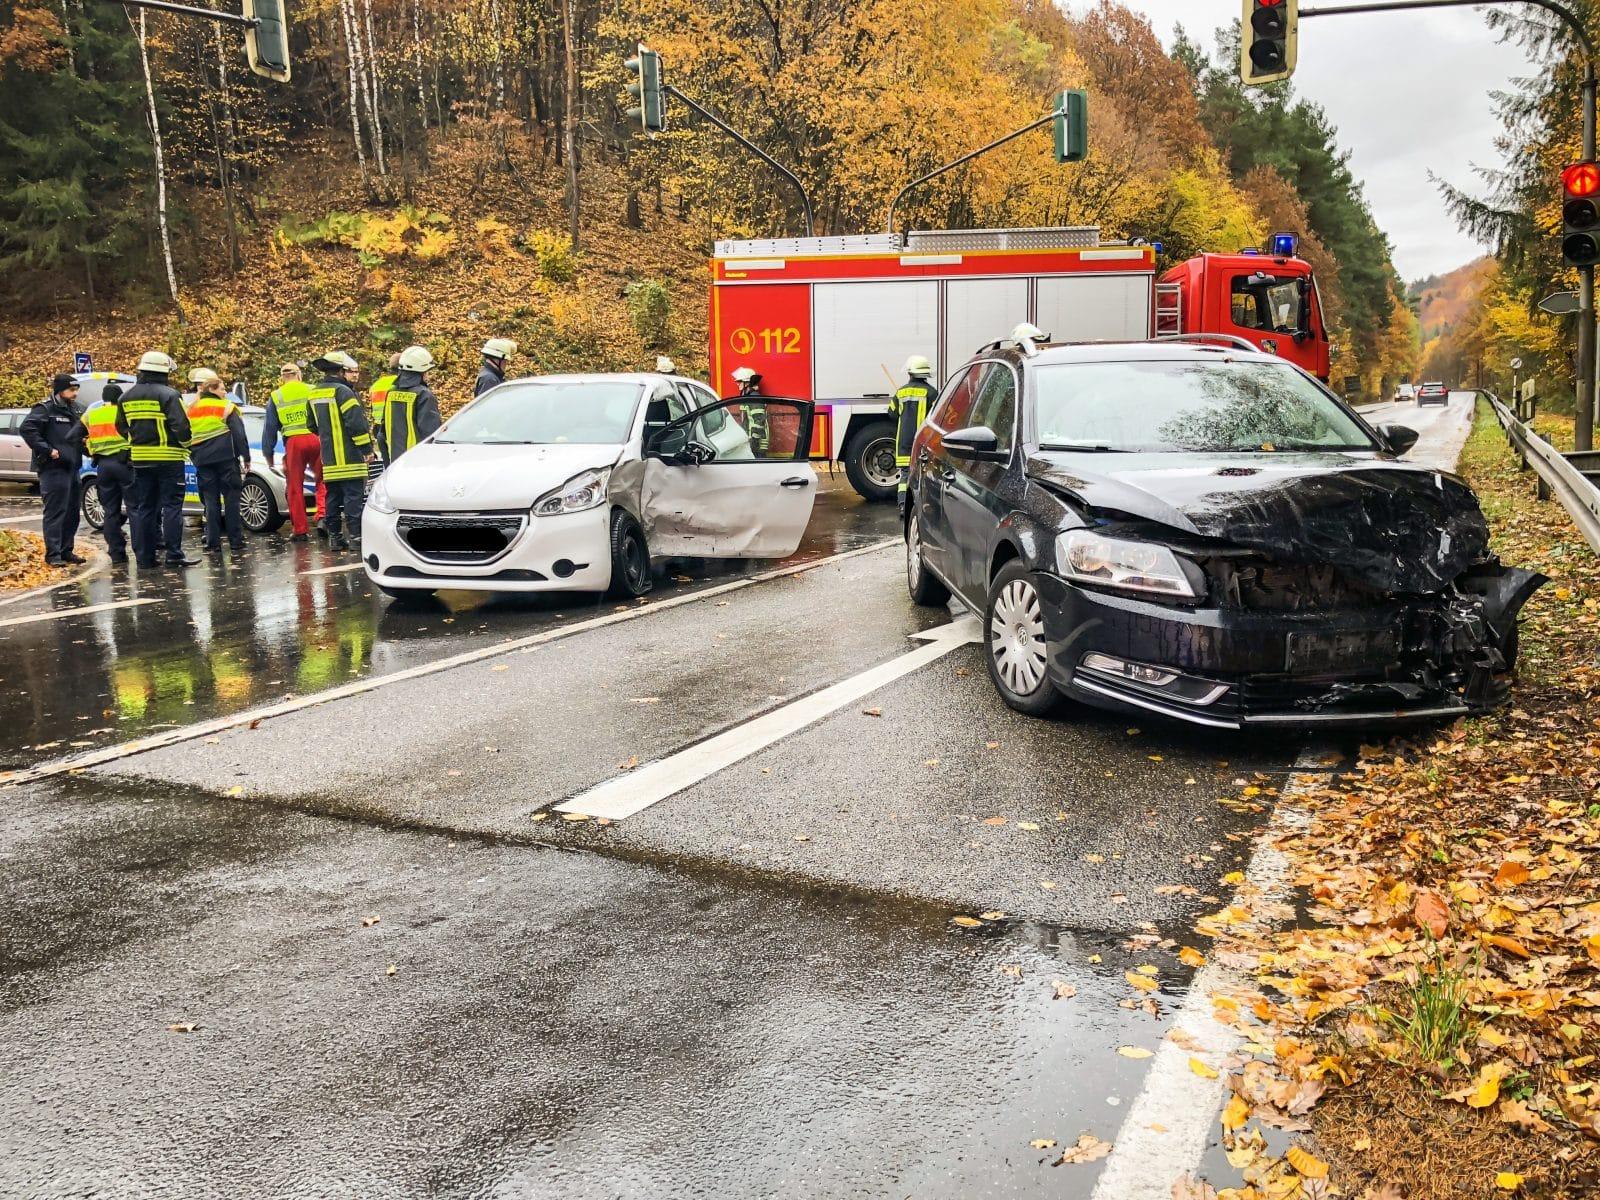 St. Ingbert: Feuerwehr befreit nacher Unfall eingeschlossene Person